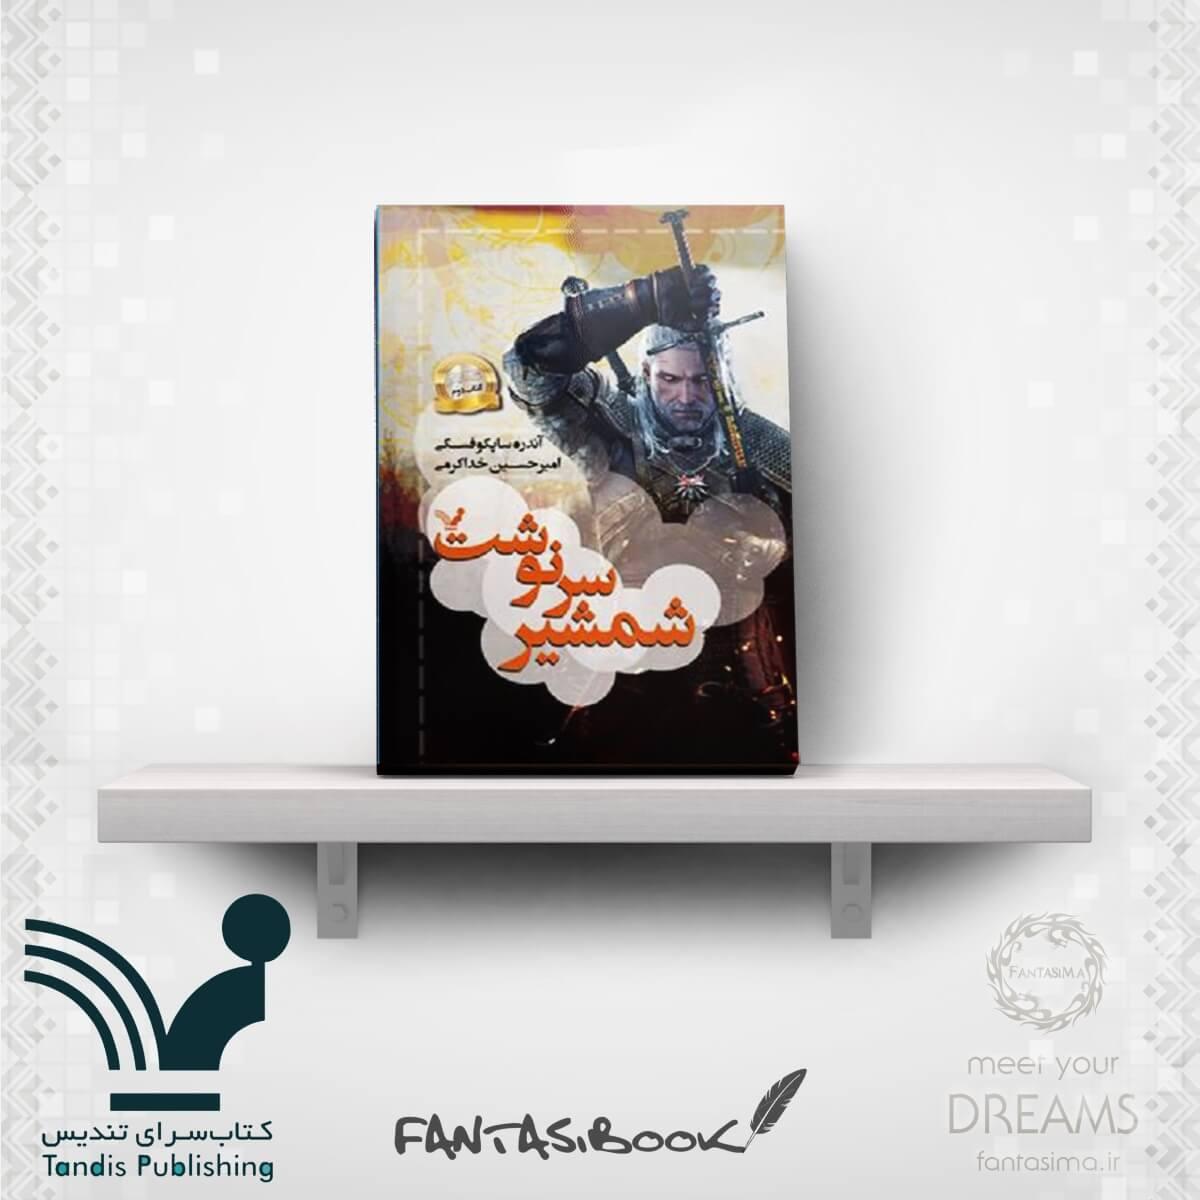 کتاب ویچر - جلد 2 - شمشیر سرنوشت